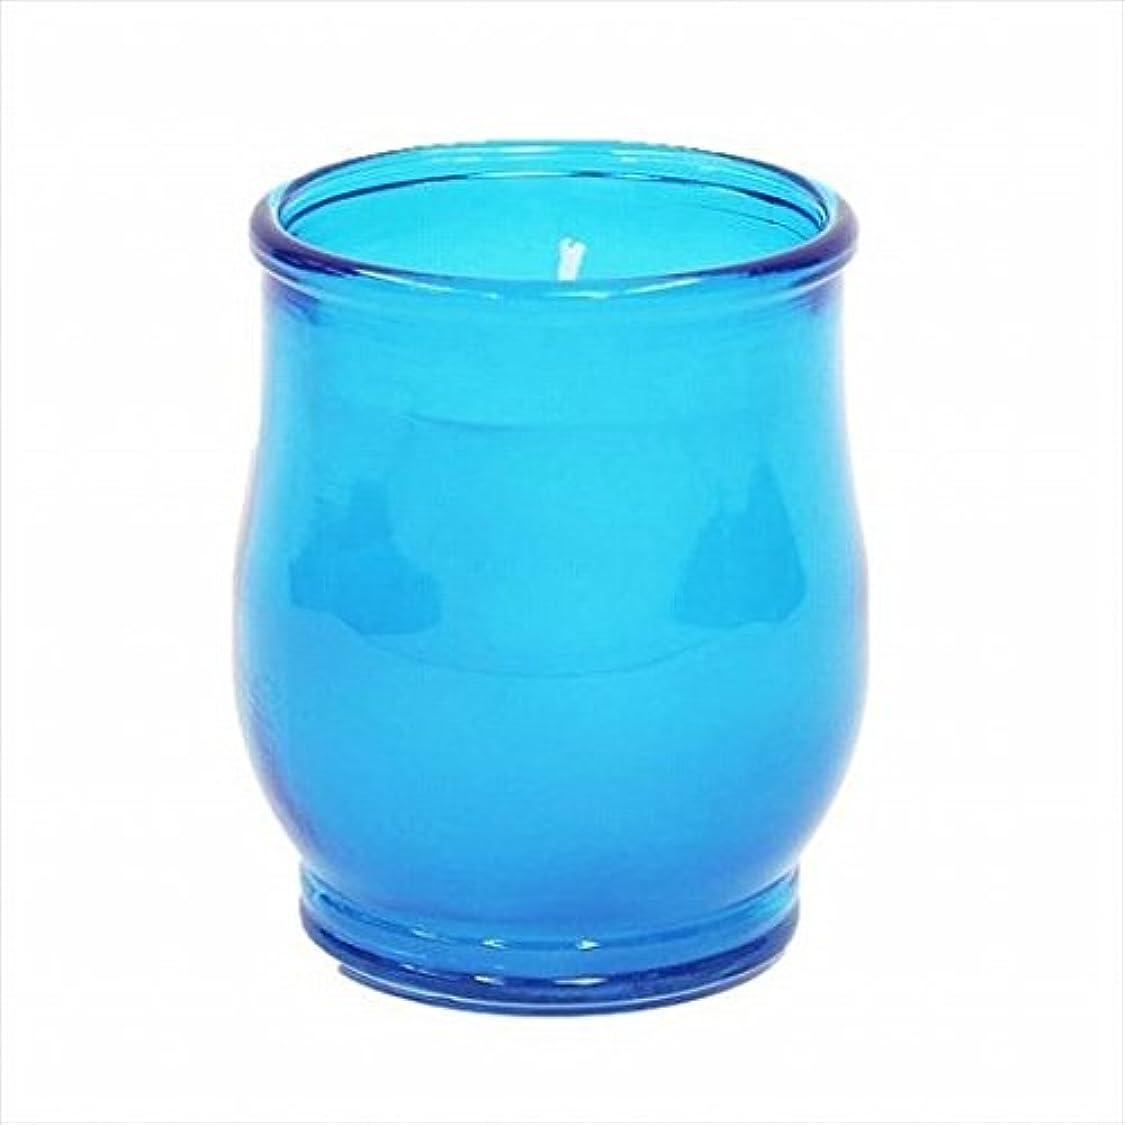 気球腹痛私たちのものkameyama candle(カメヤマキャンドル) ポシェ(非常用コップローソク) 「 ブルー 」 キャンドル 68x68x80mm (73020000BL)